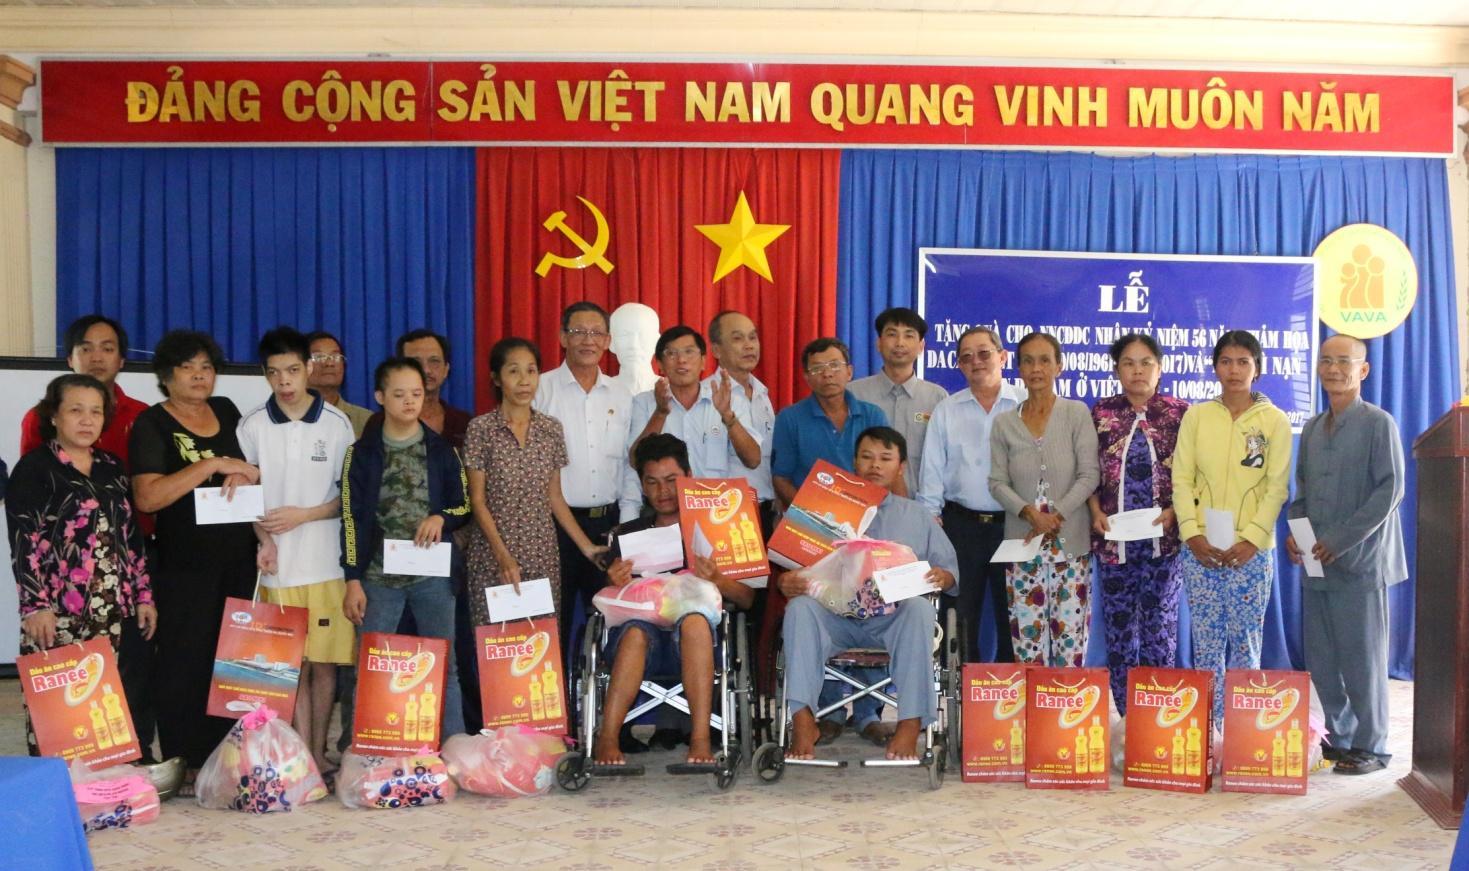 Description: 3. Niềm vui hiện rõ trên gương mặt những nạn nhân khi được nhận quà từ nhà tài trợ.JPG